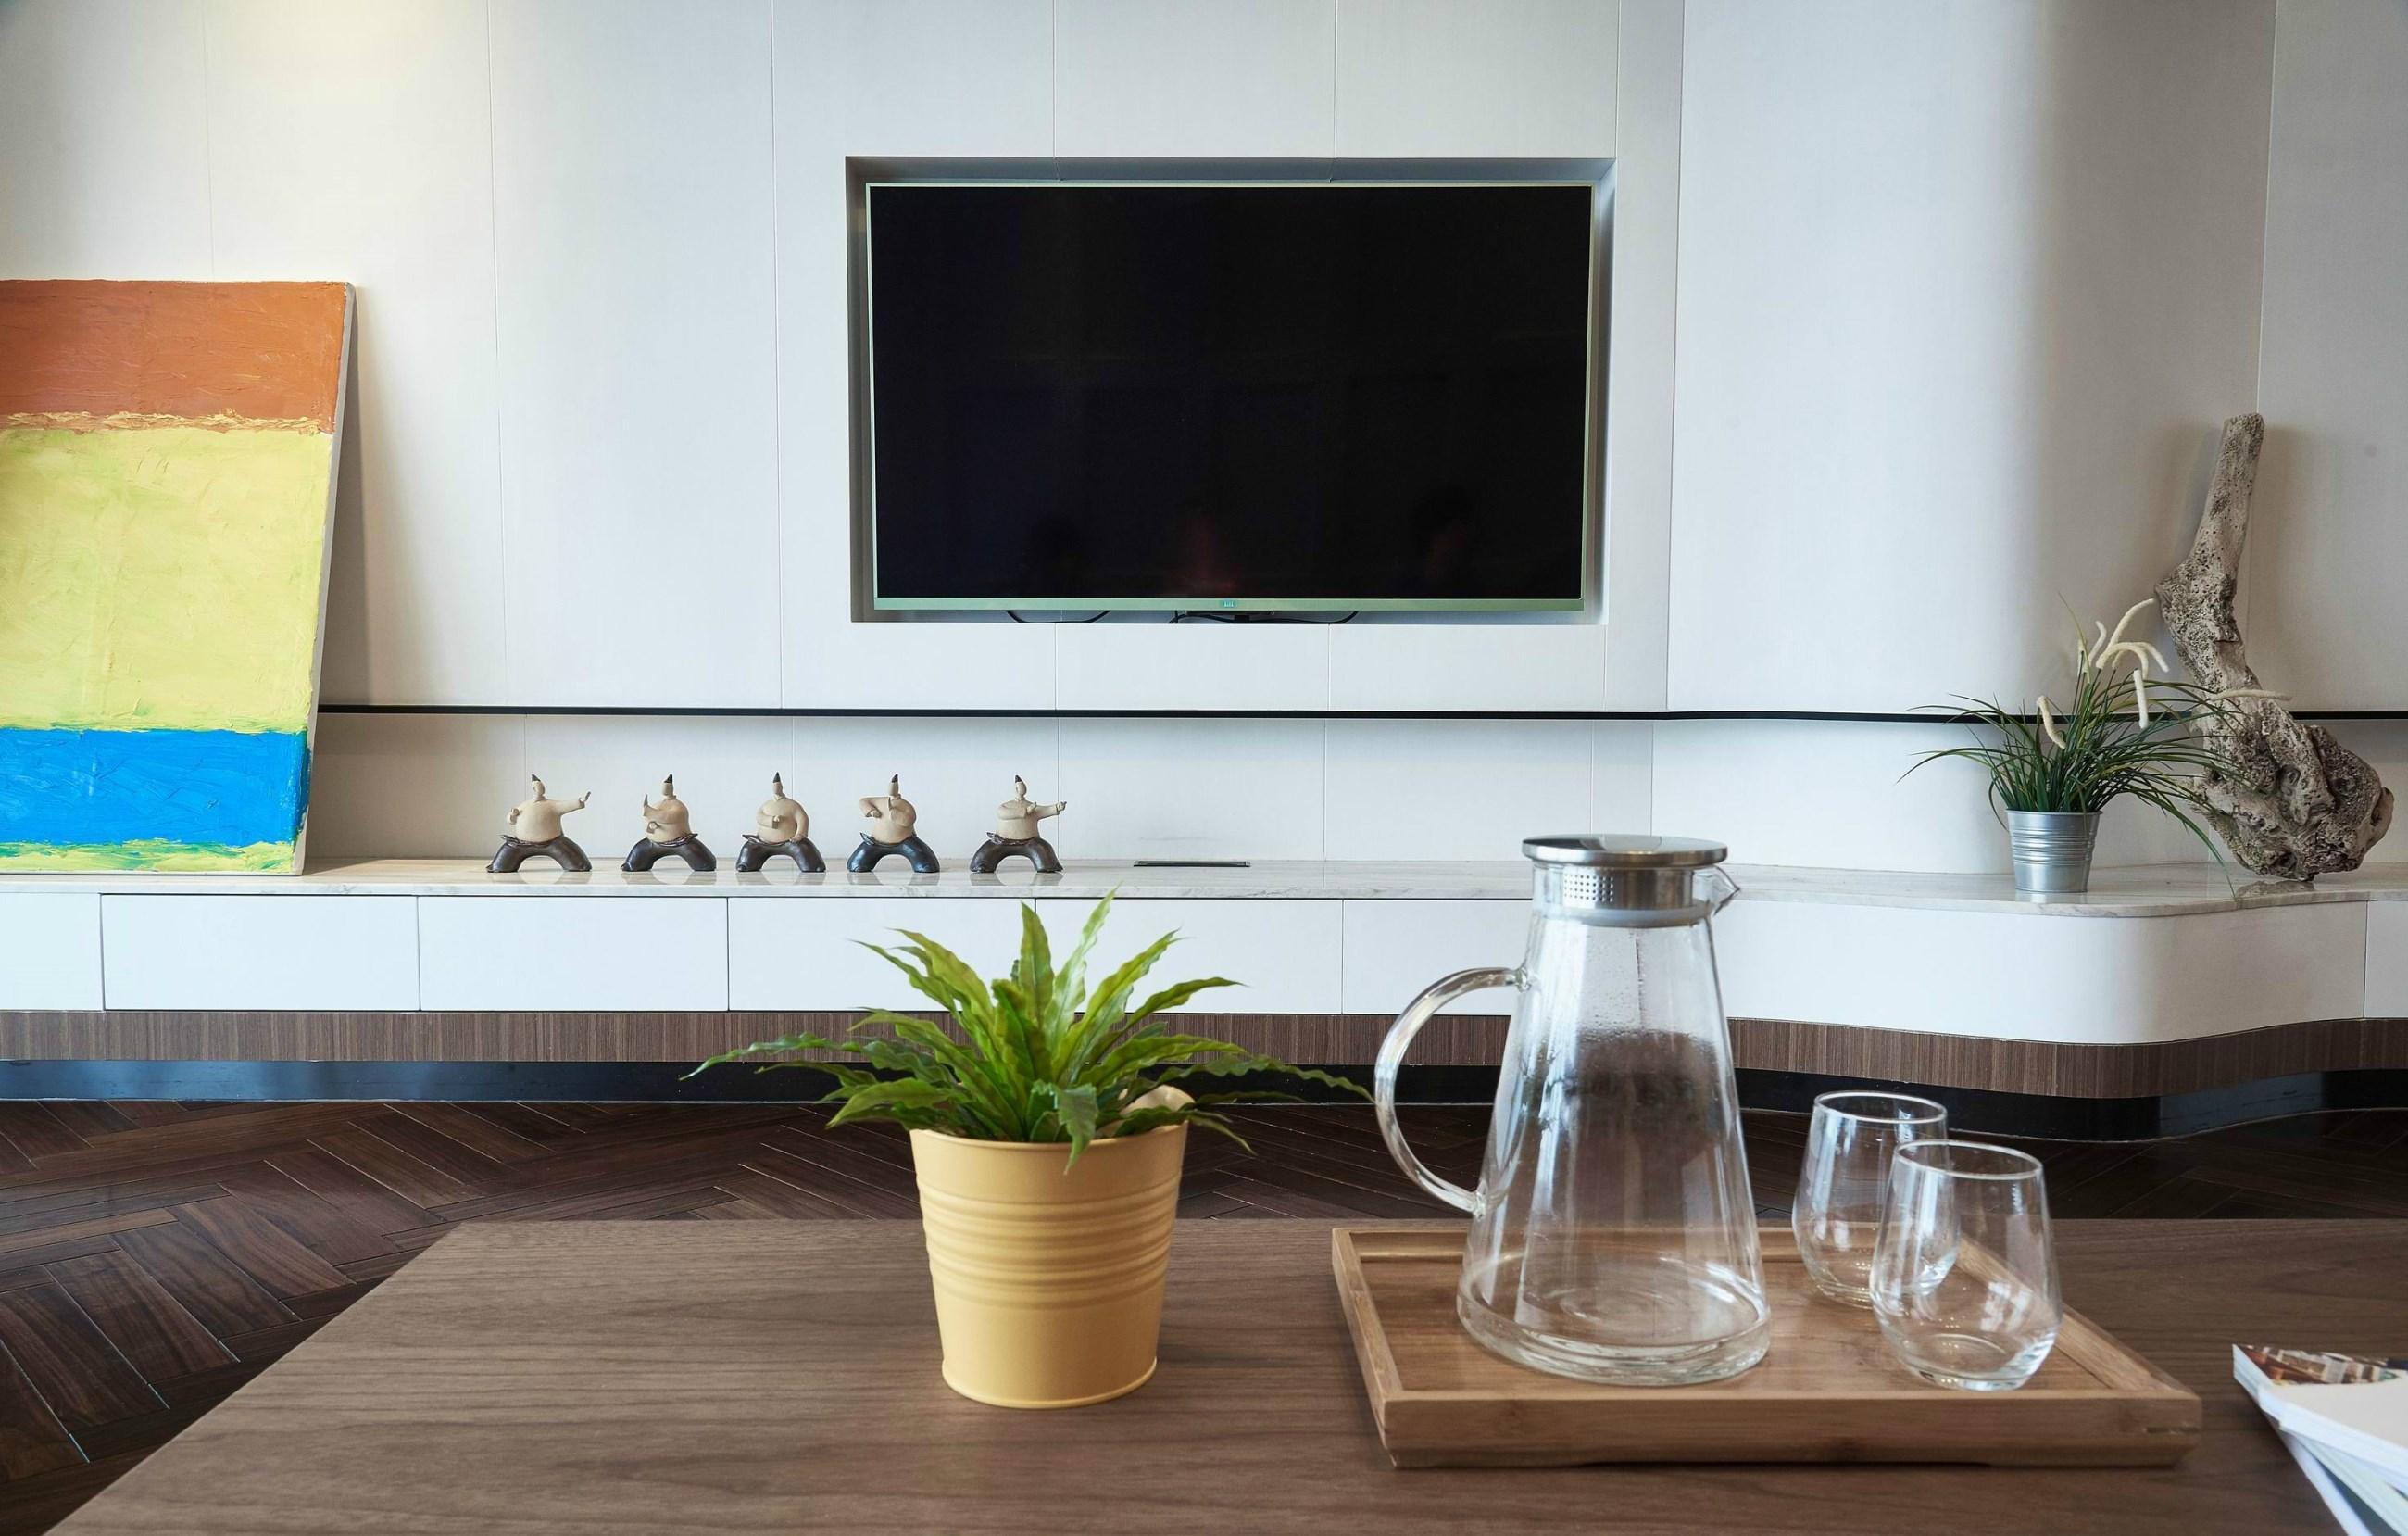 105㎡现代简约电视背景墙装修效果图